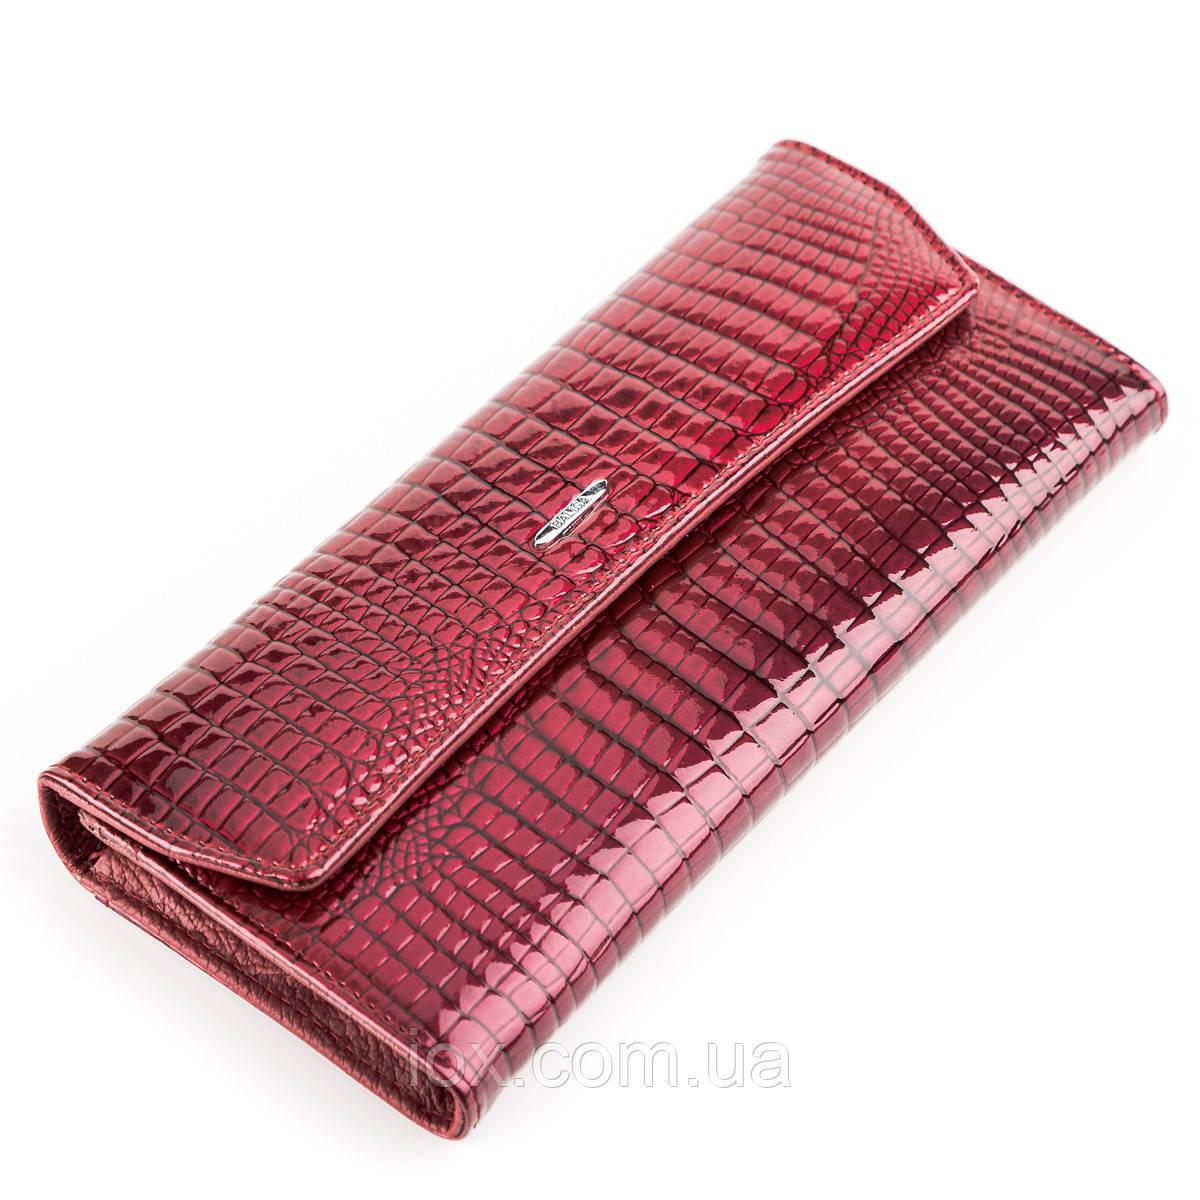 Кошелек женский BALISA 13860 кожаный Бордовый